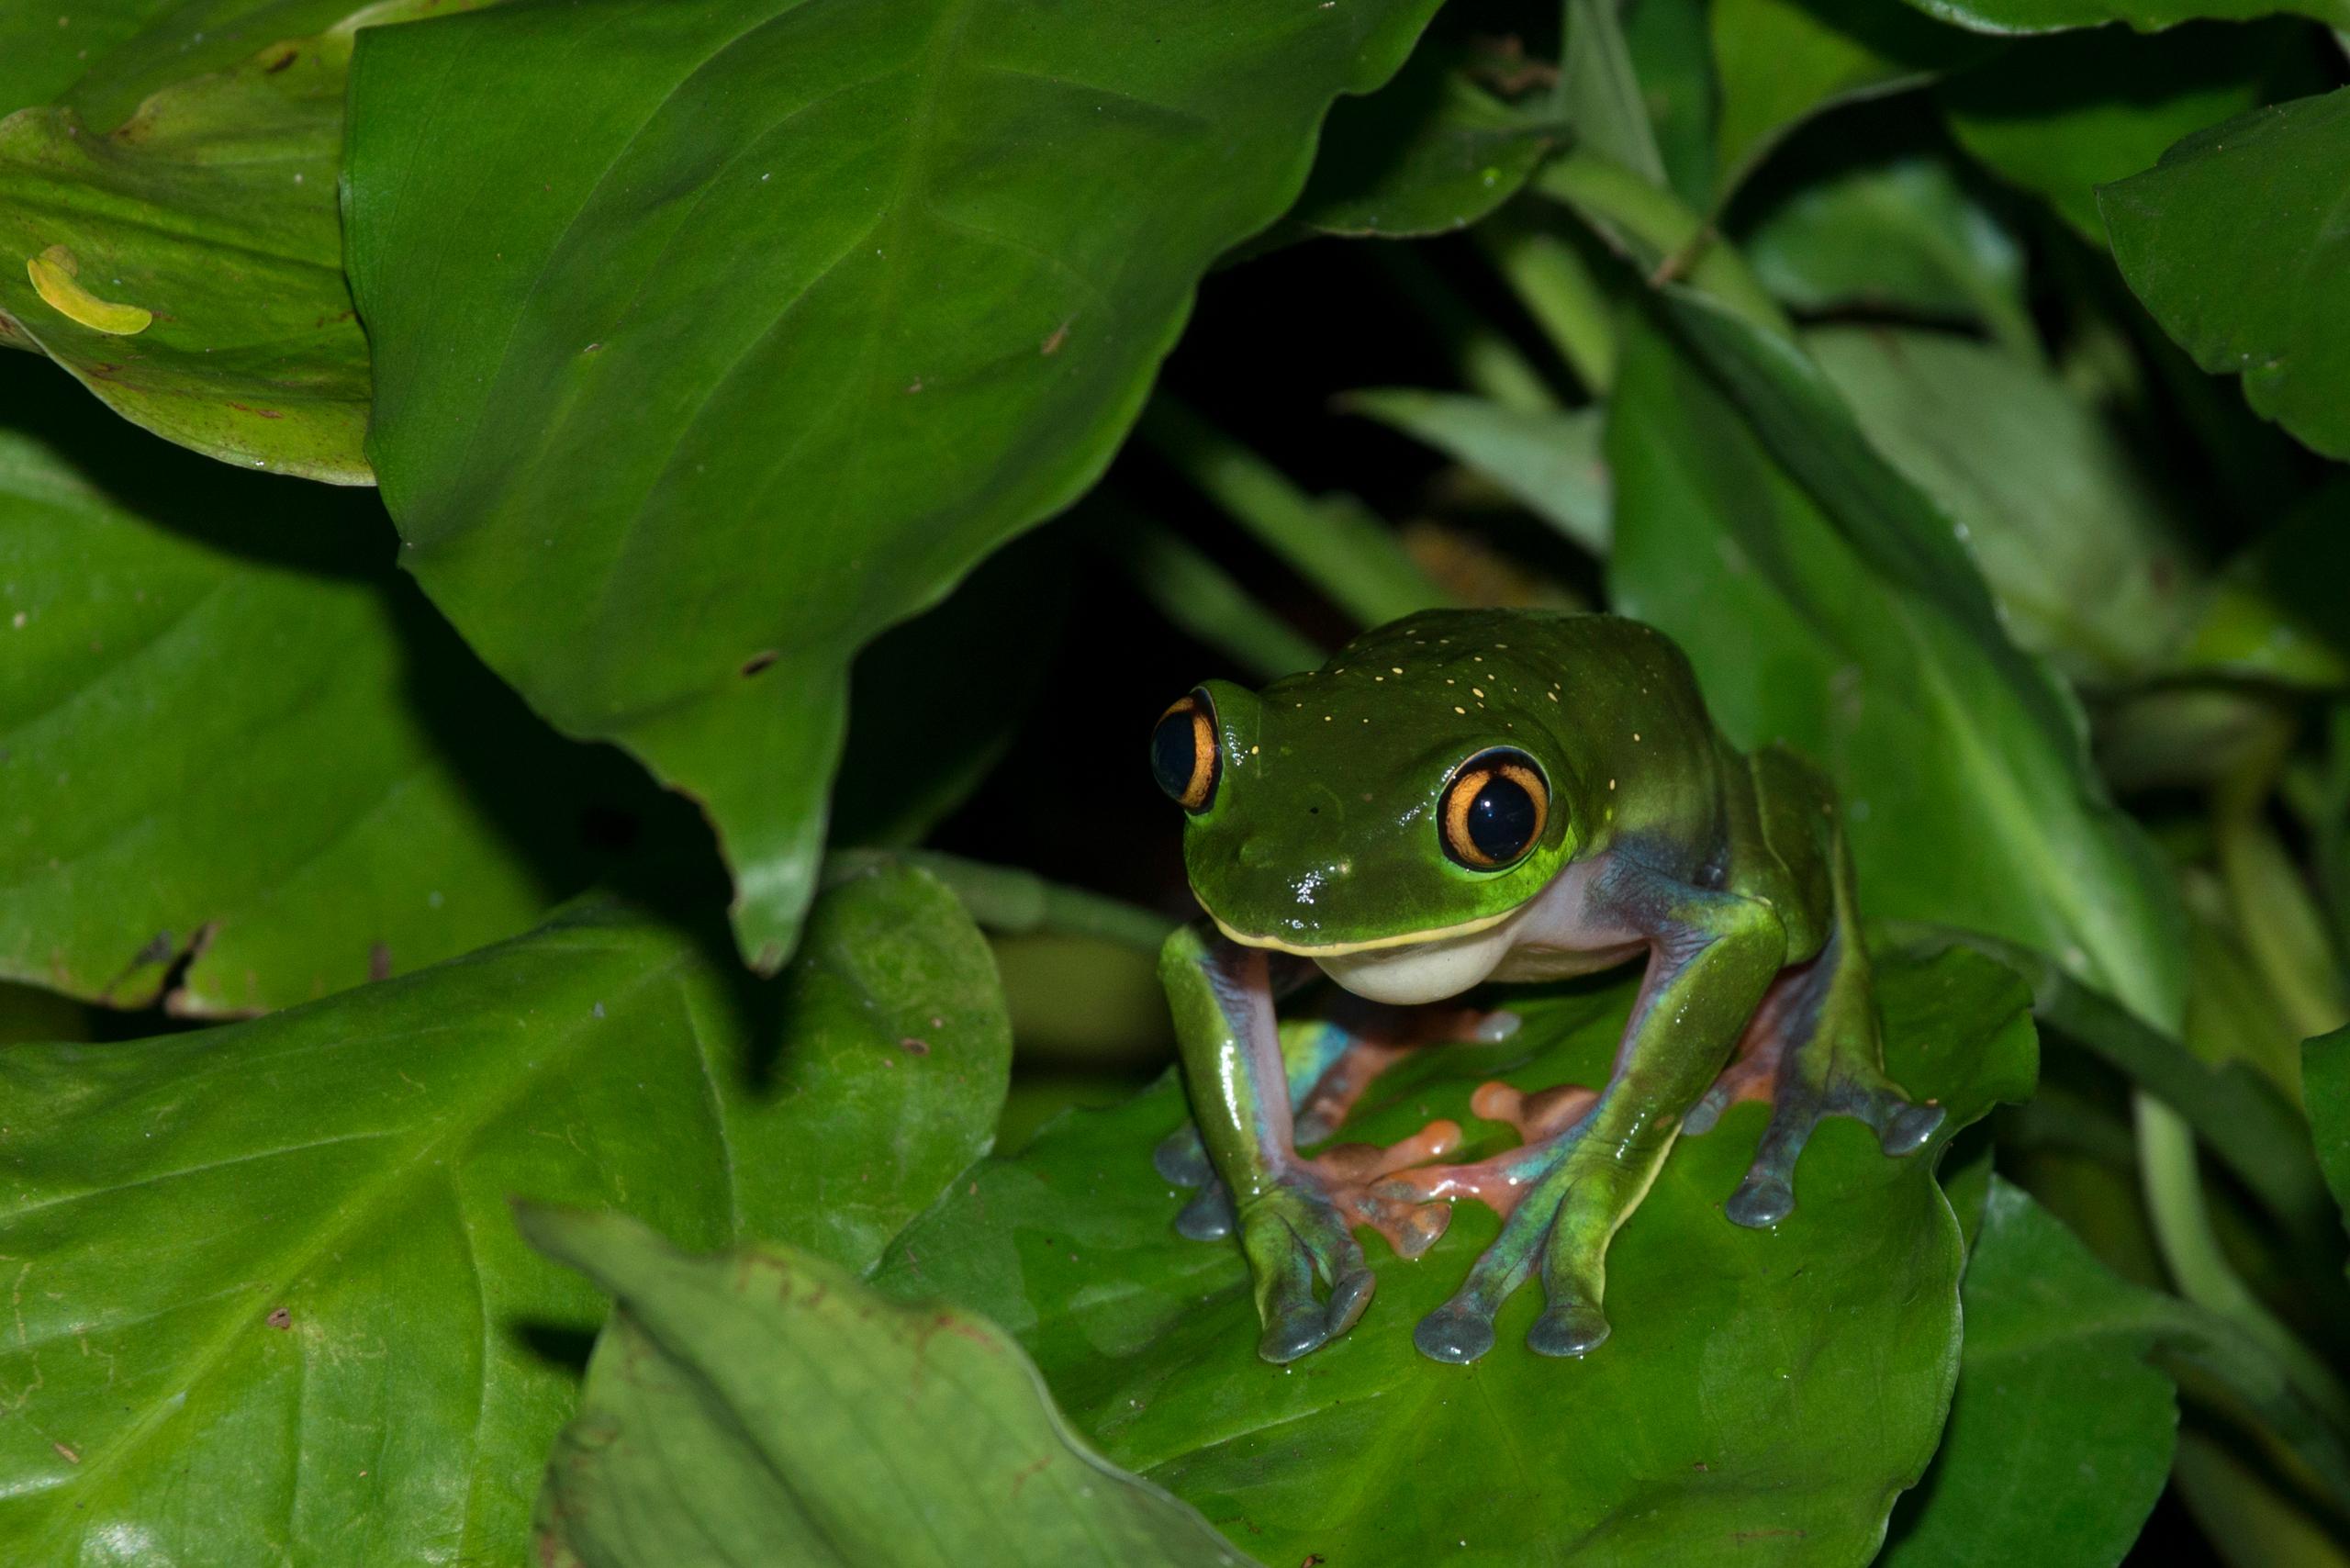 жаба лист фон  № 3164676 бесплатно